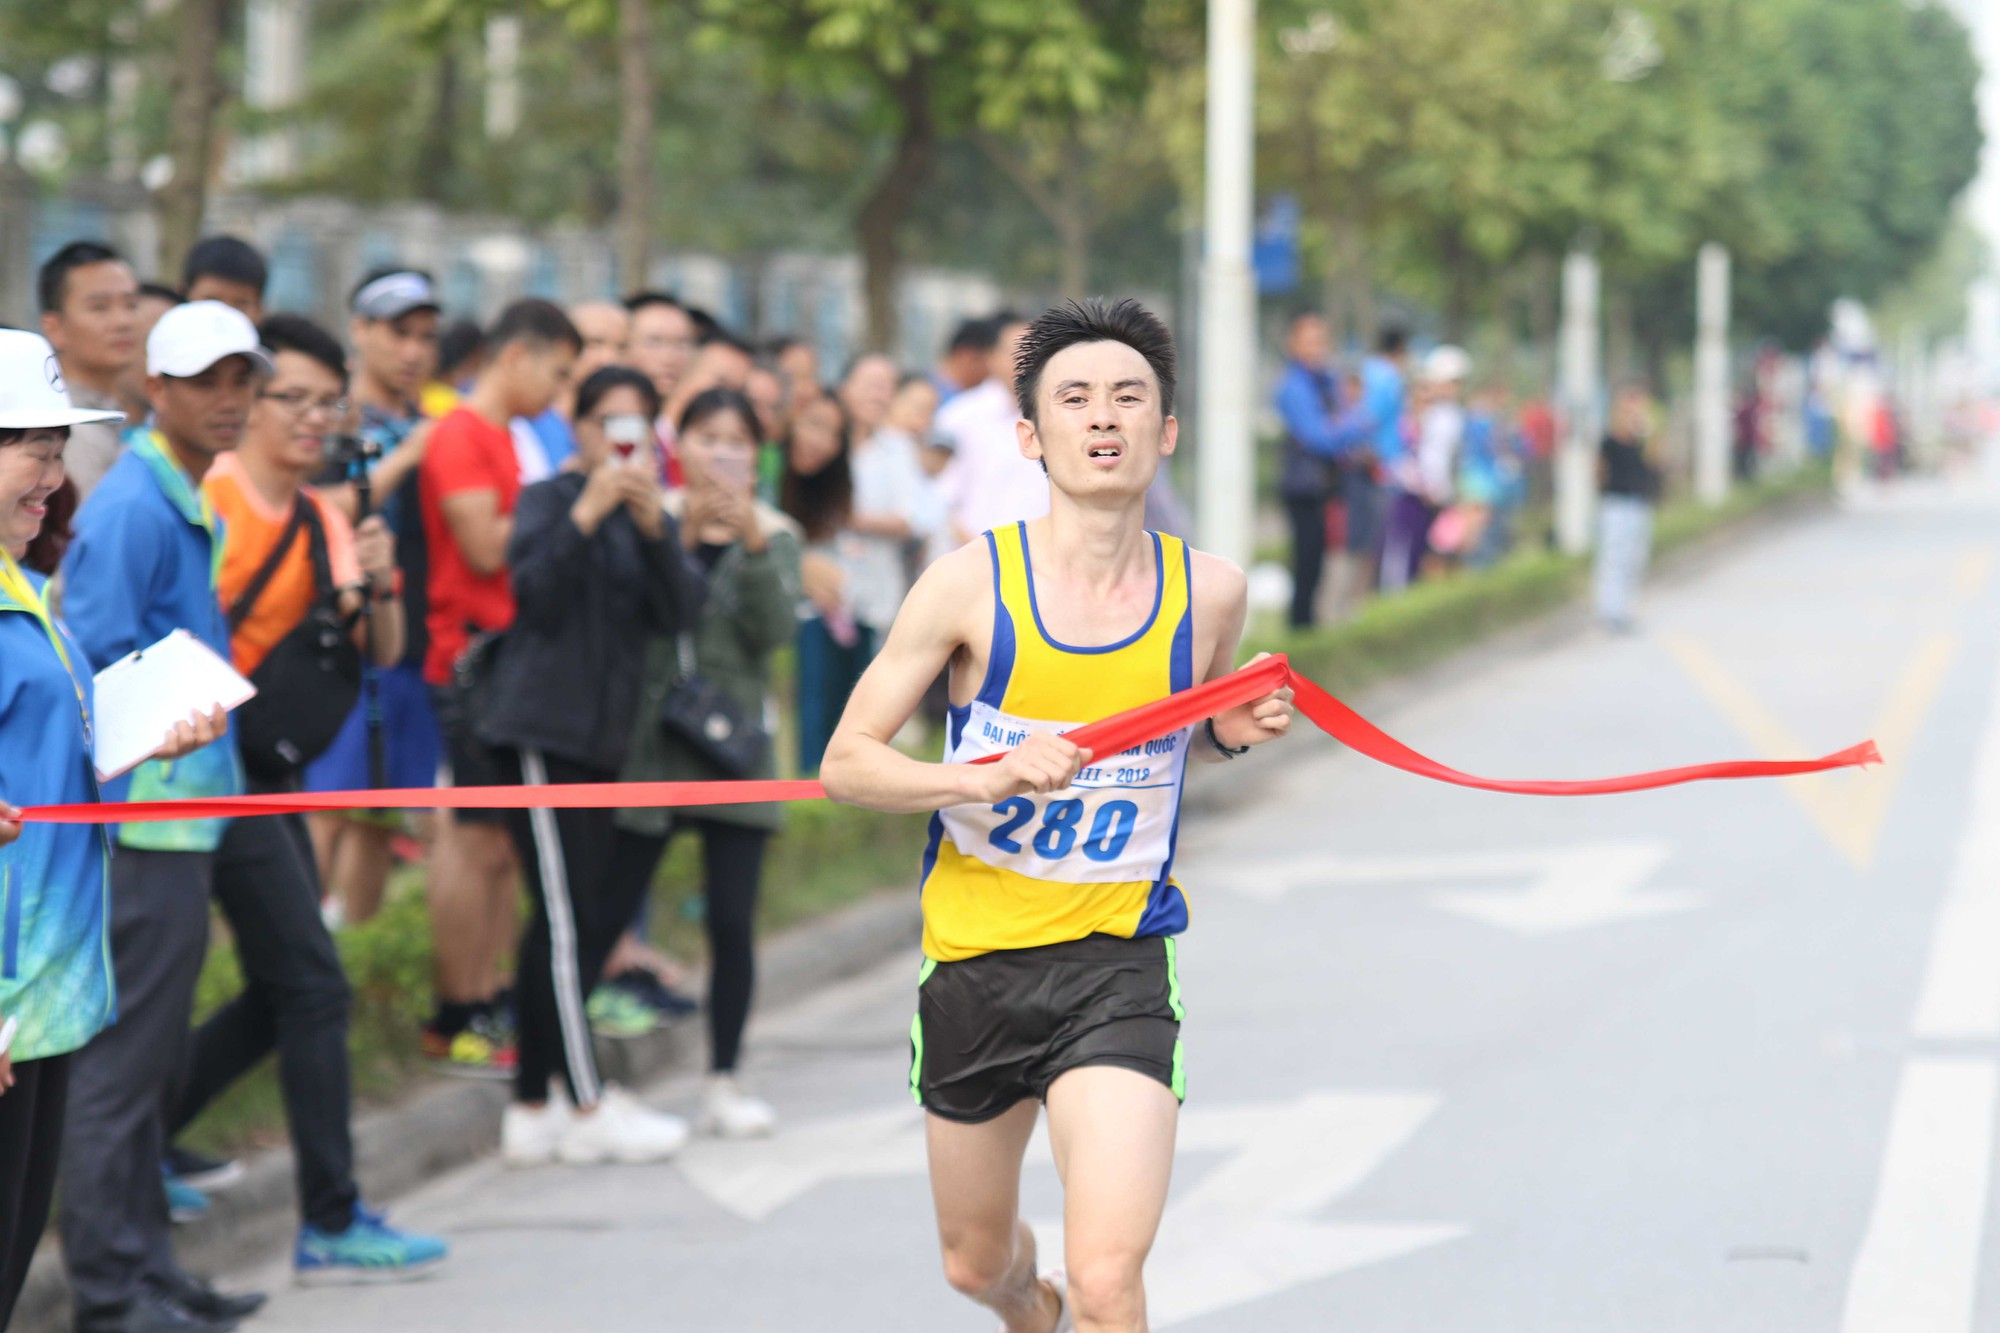 Hồng Lệ và Thế Anh vô địch marathon, chị em Thành Ngưng-Thanh Phúc không có đối thủ - Ảnh 7.